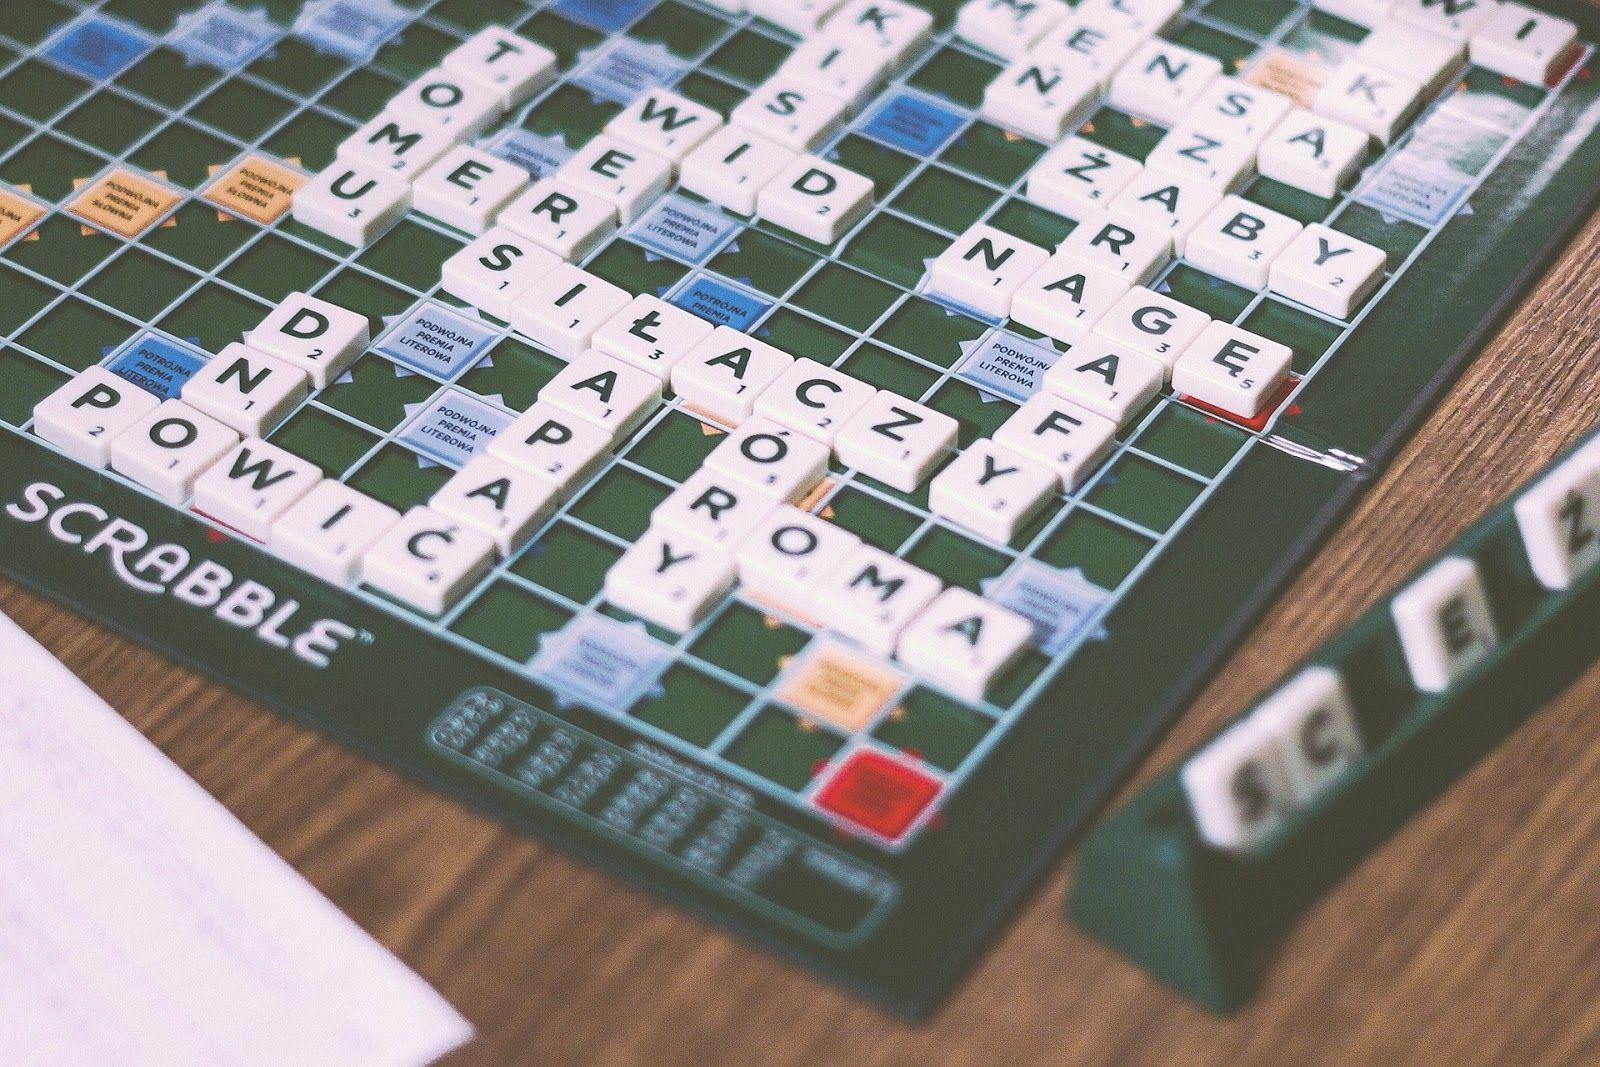 Scrabble Para Aquellos Que No Lo Conoceis Scrabble Es Un Juego De